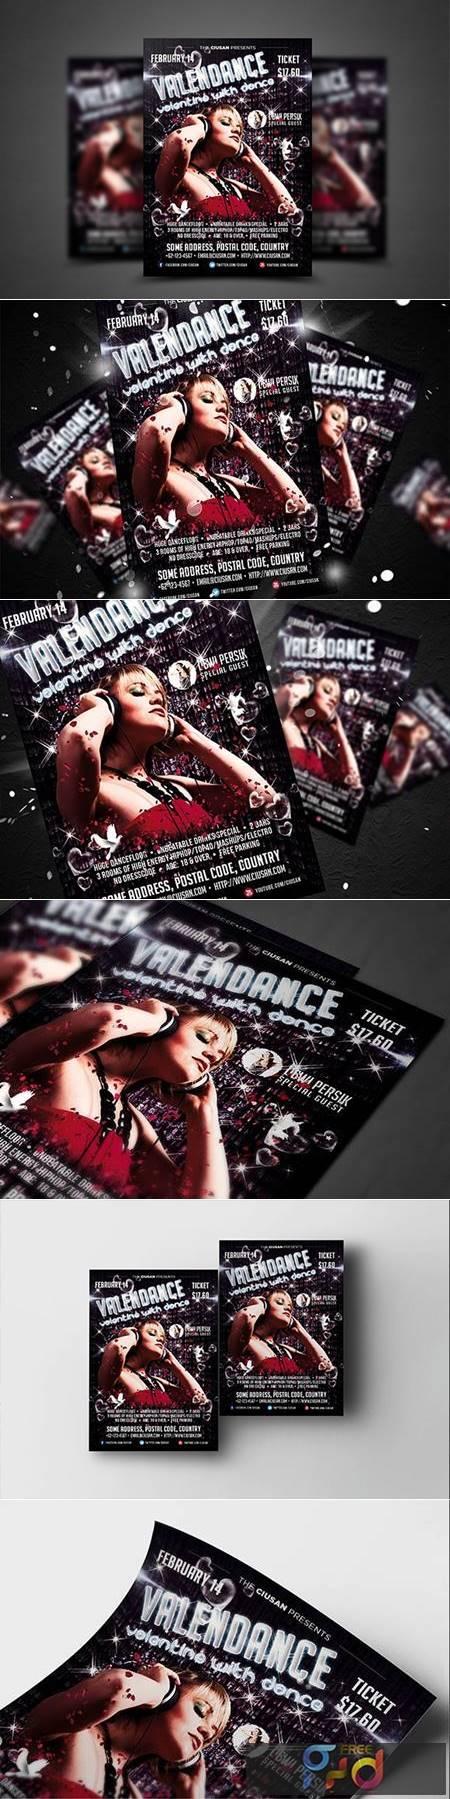 Valendance Flyer Template 3927202 1